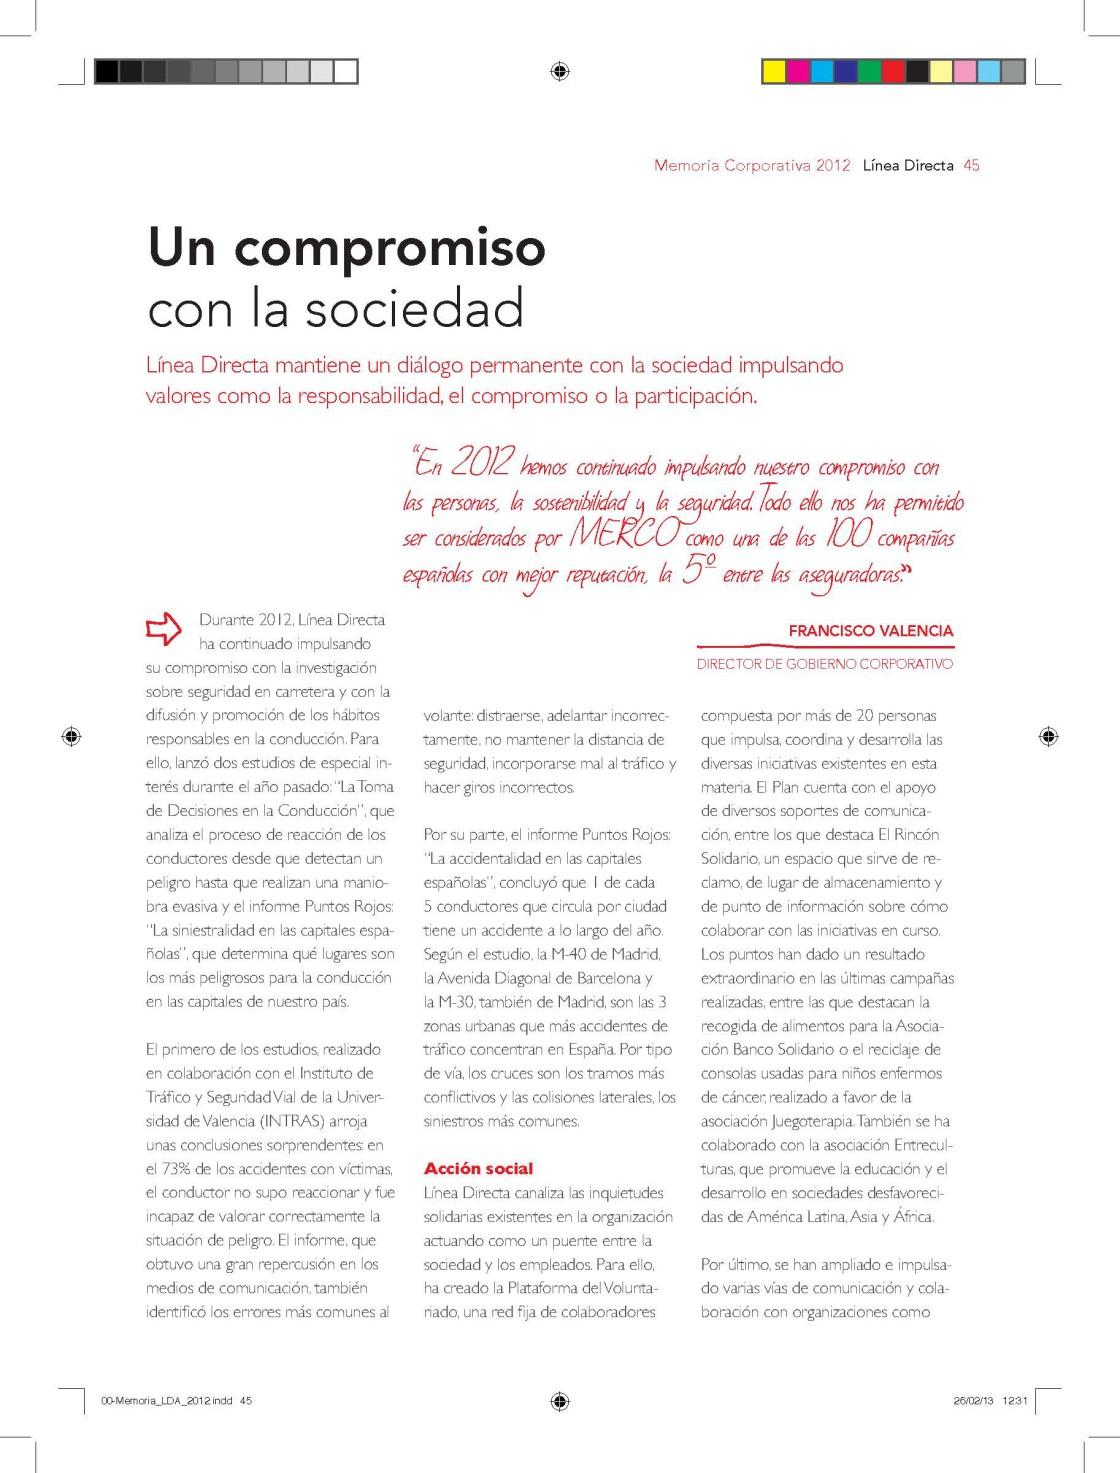 Memoria_LDA_2012_Page_45